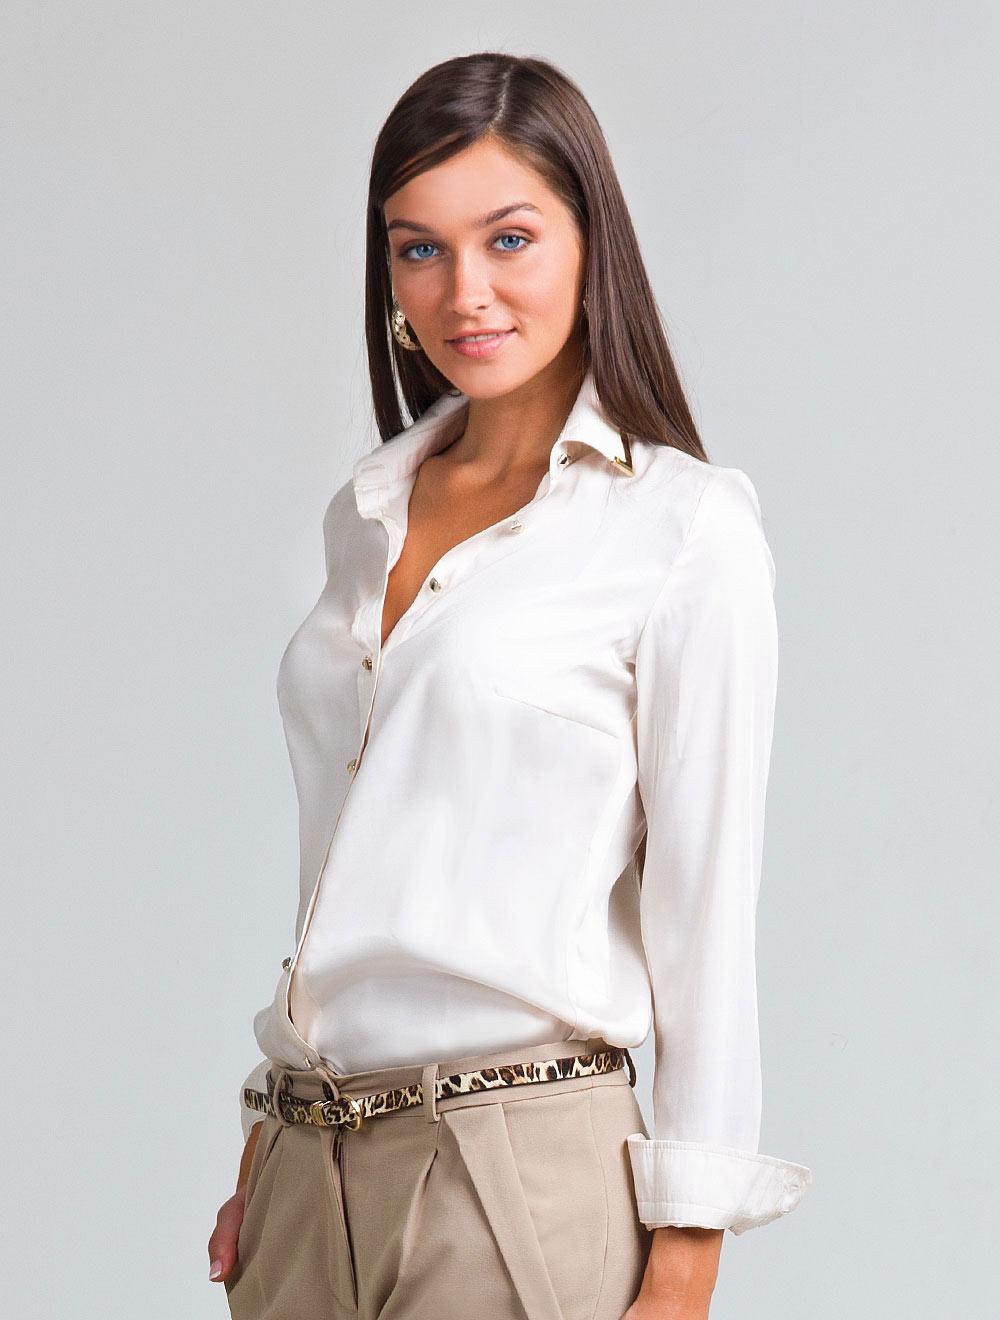 Девушки в блузках фото, трахнул телочку ахуительного телосложения